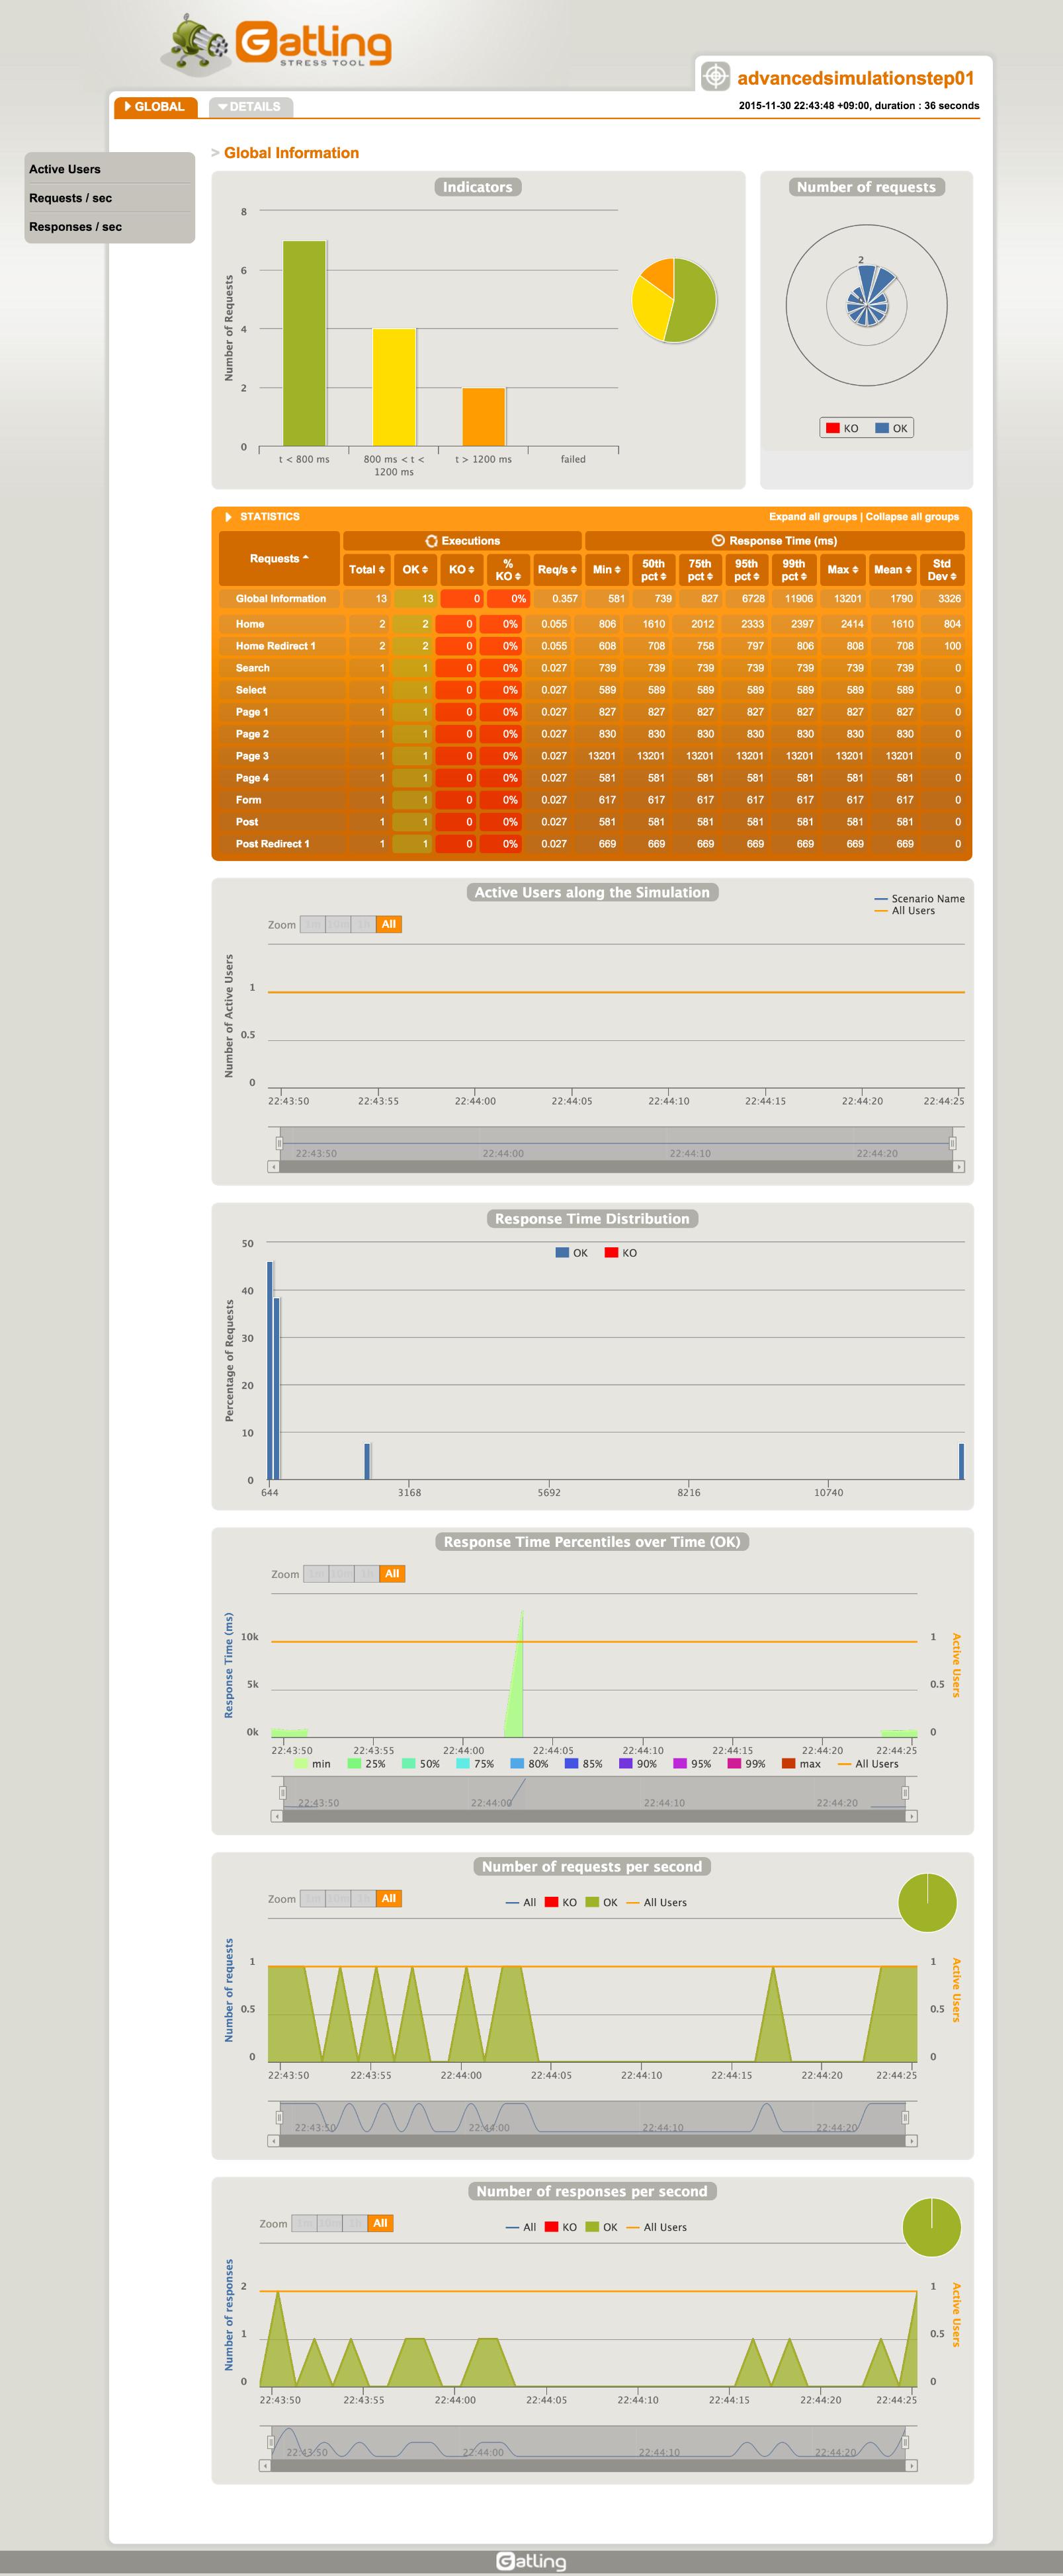 screencapture-file-usr-local-opt-gatling-charts-highcharts-bundle-2-1-7-results-advancedsimulationstep01-1448891028766-index-html-1448891259270.png